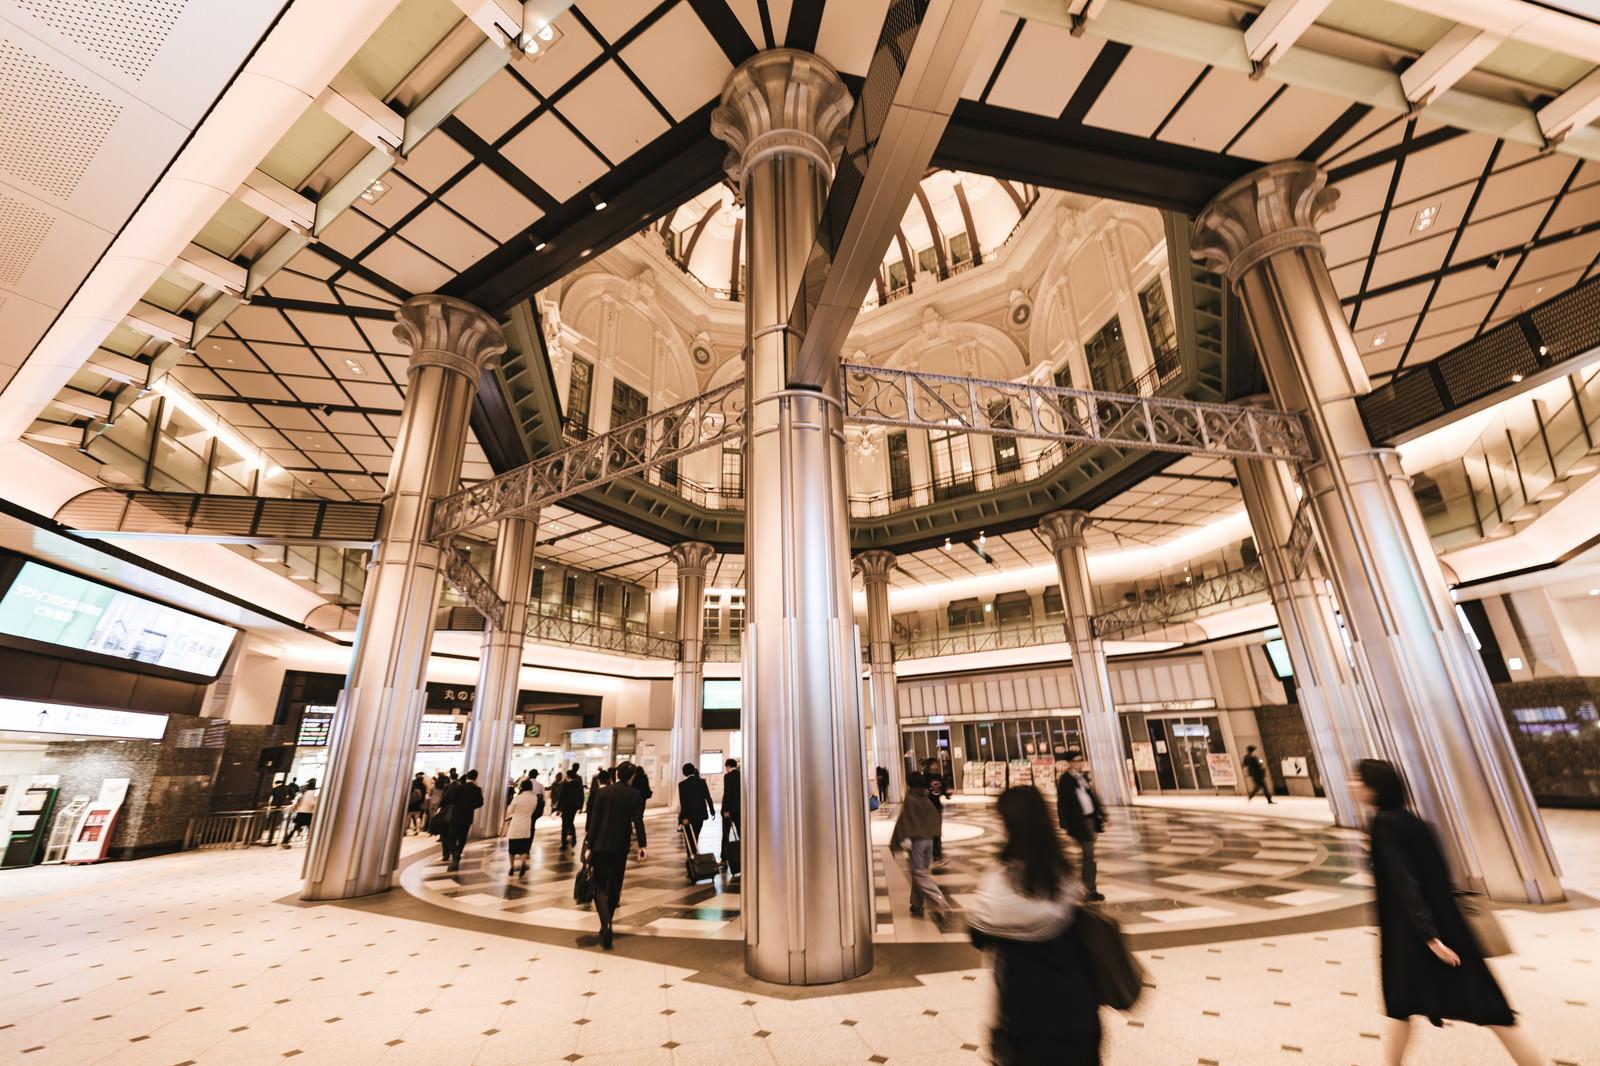 「東京駅丸の内口改札構内 | 写真の無料素材・フリー素材 - ぱくたそ」の写真